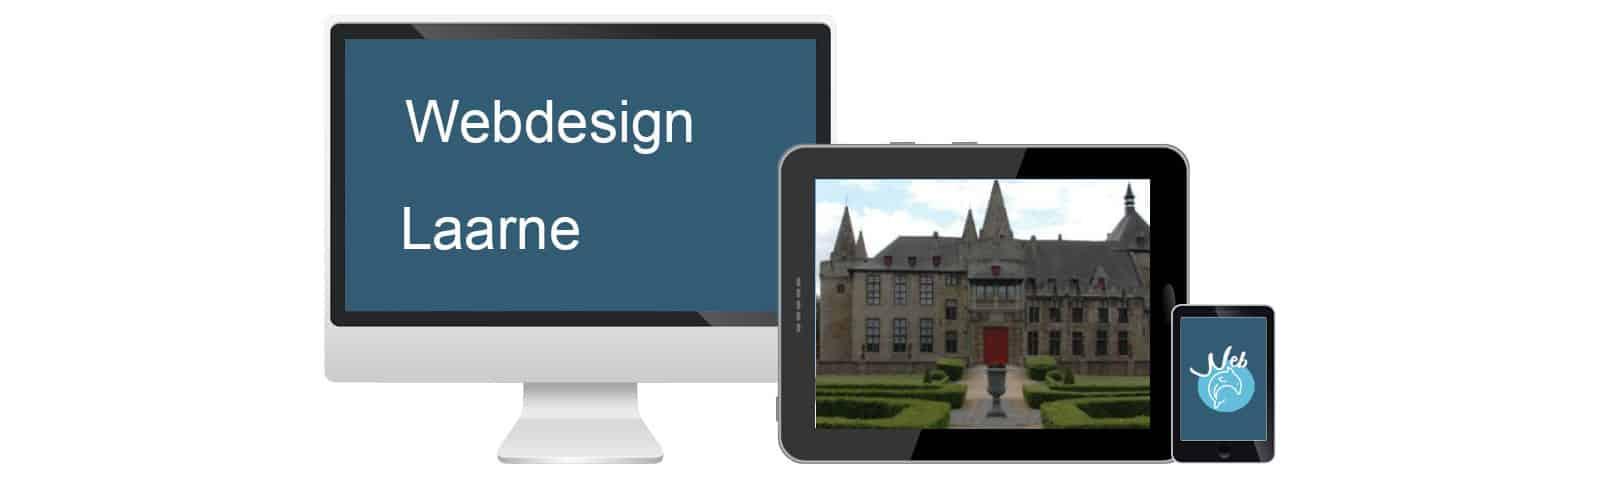 Webdesign Laarne - webdolfijn